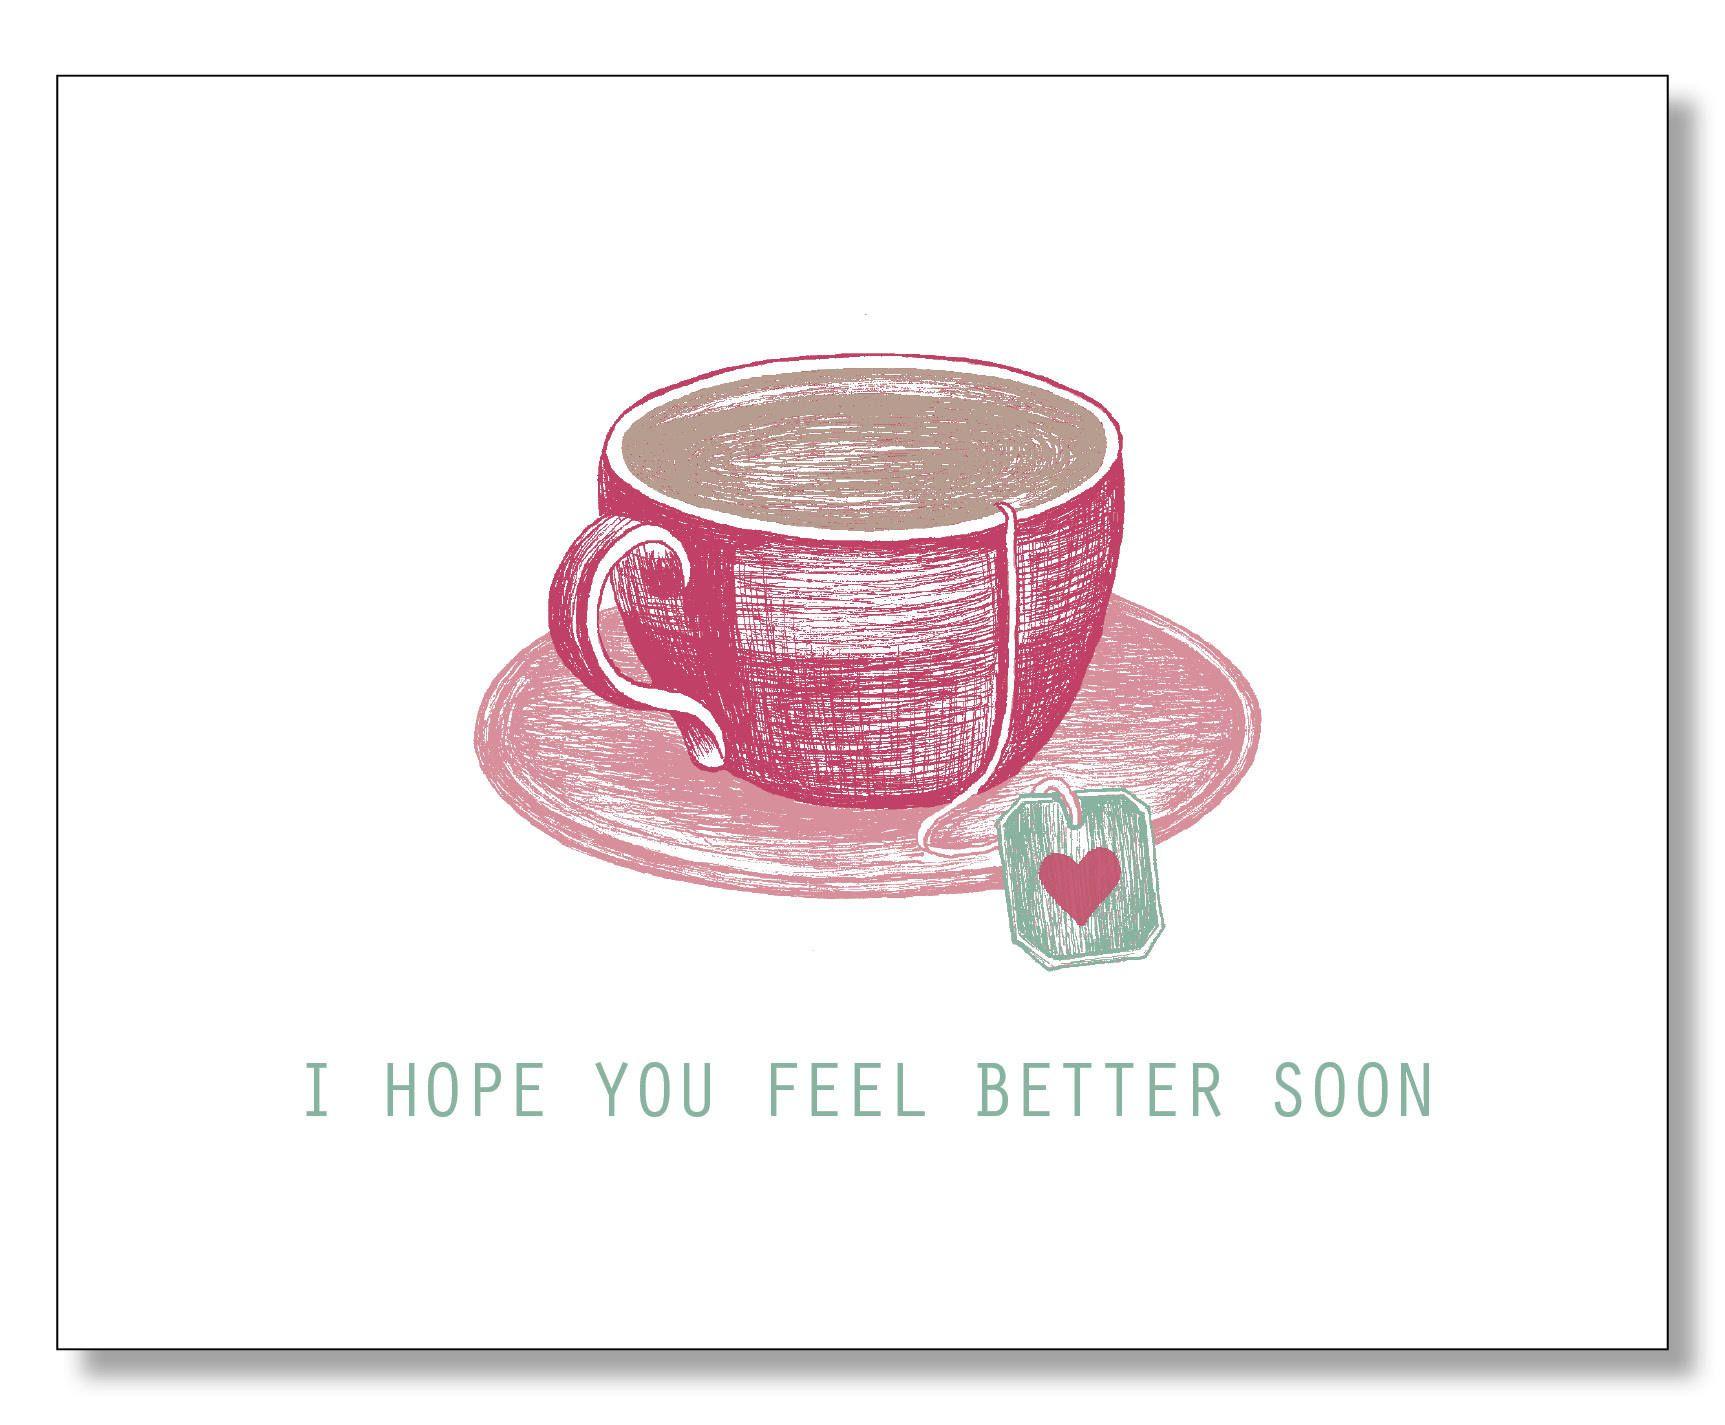 Fullsize Of I Hope You Feel Better Soon